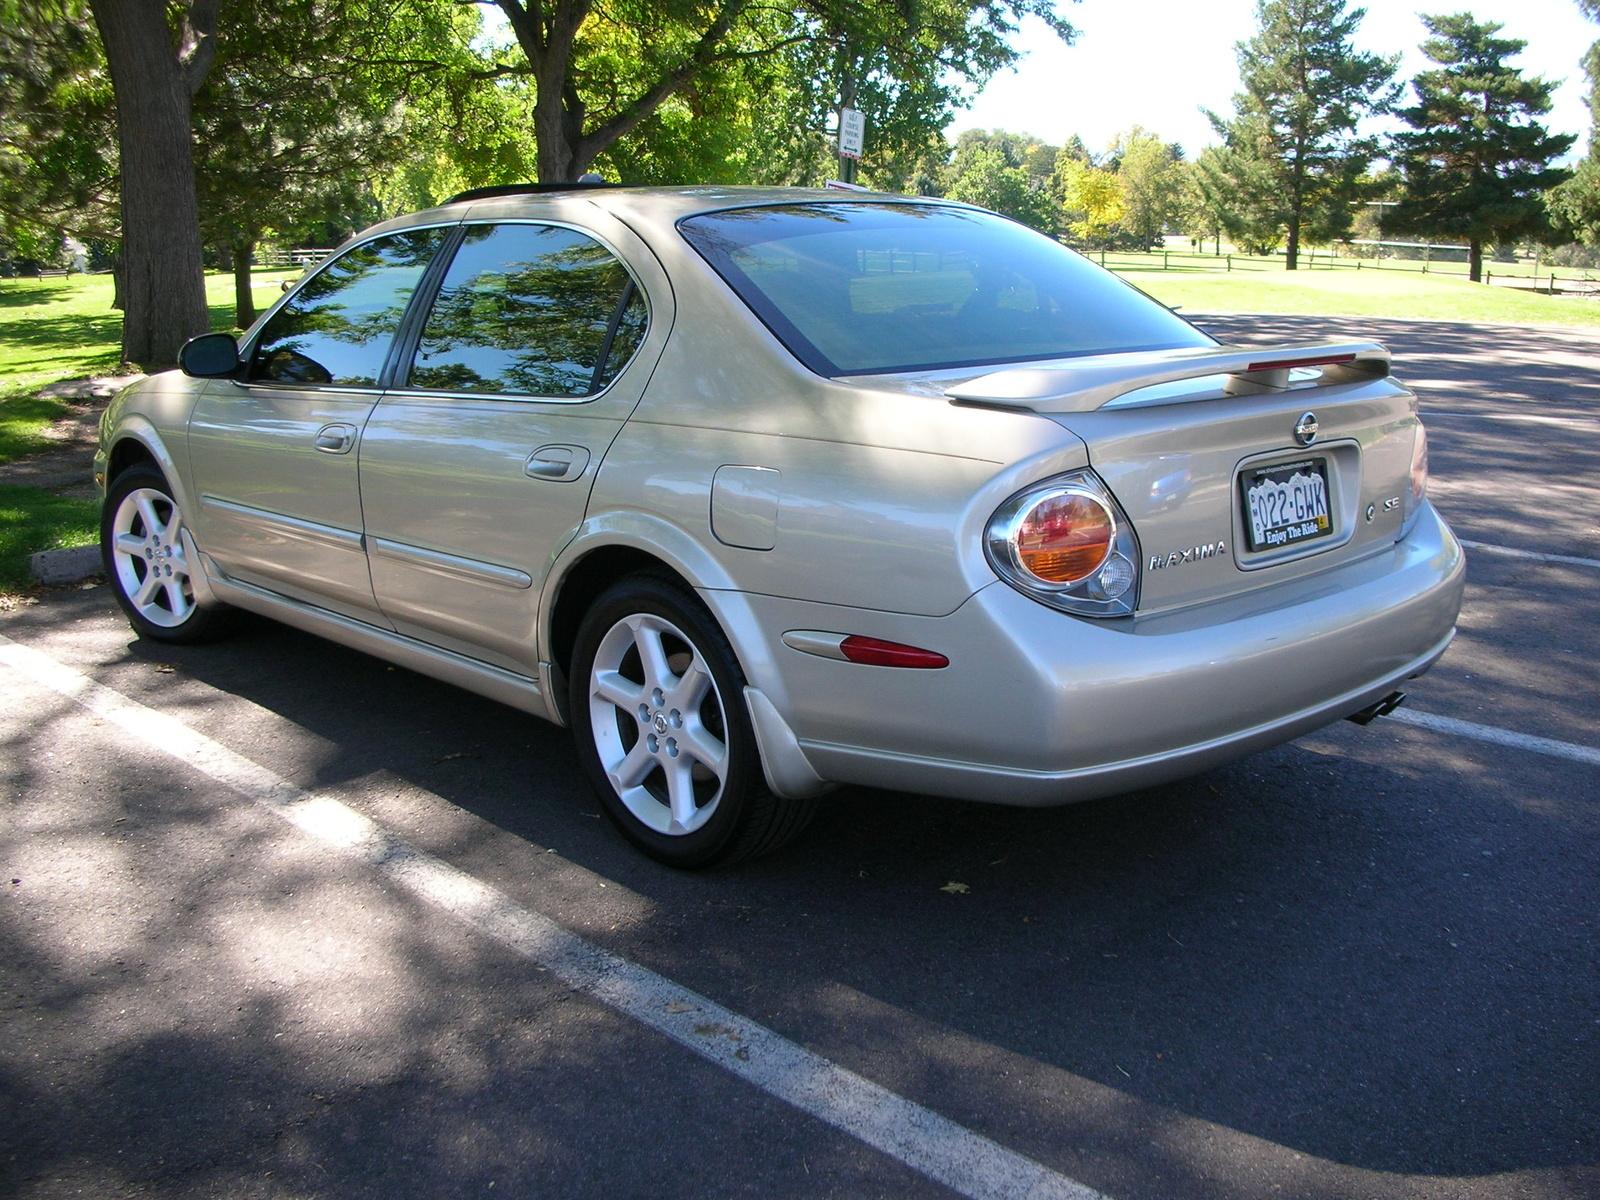 2002 Nissan Maxima Pictures Cargurus